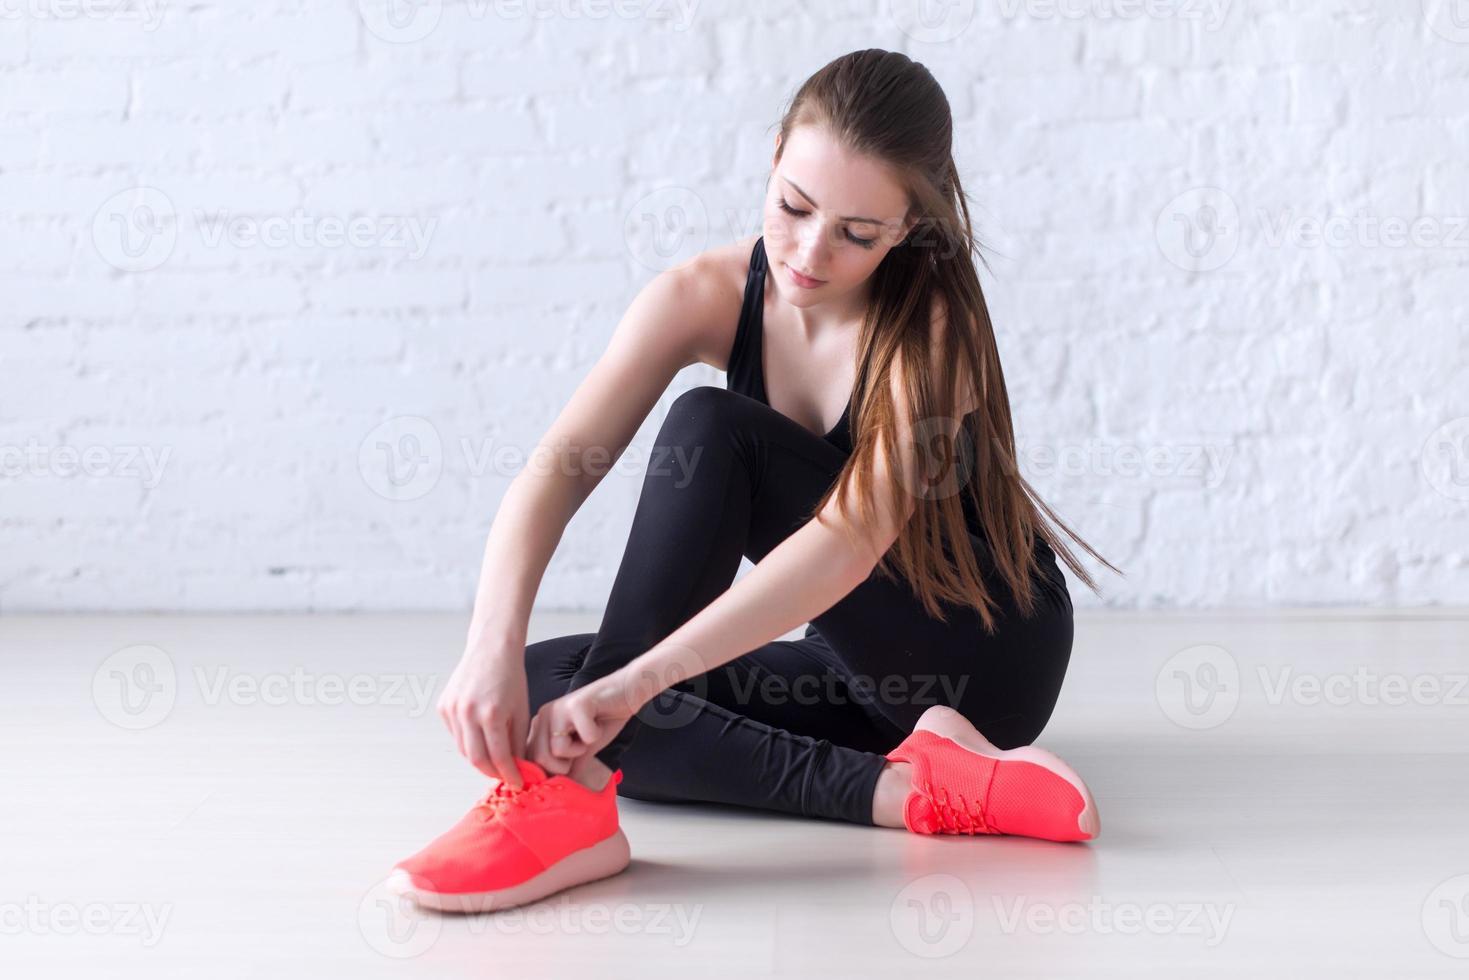 sportliche aktive Mädchen Schnürung Trainer Sportschuhe binden Schnürsenkel foto